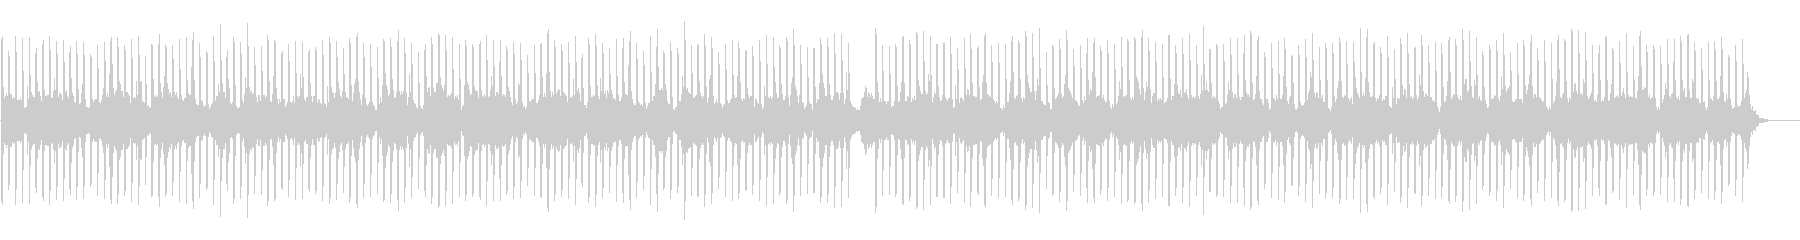 カリンバのアンビエントEDMの未再生の波形